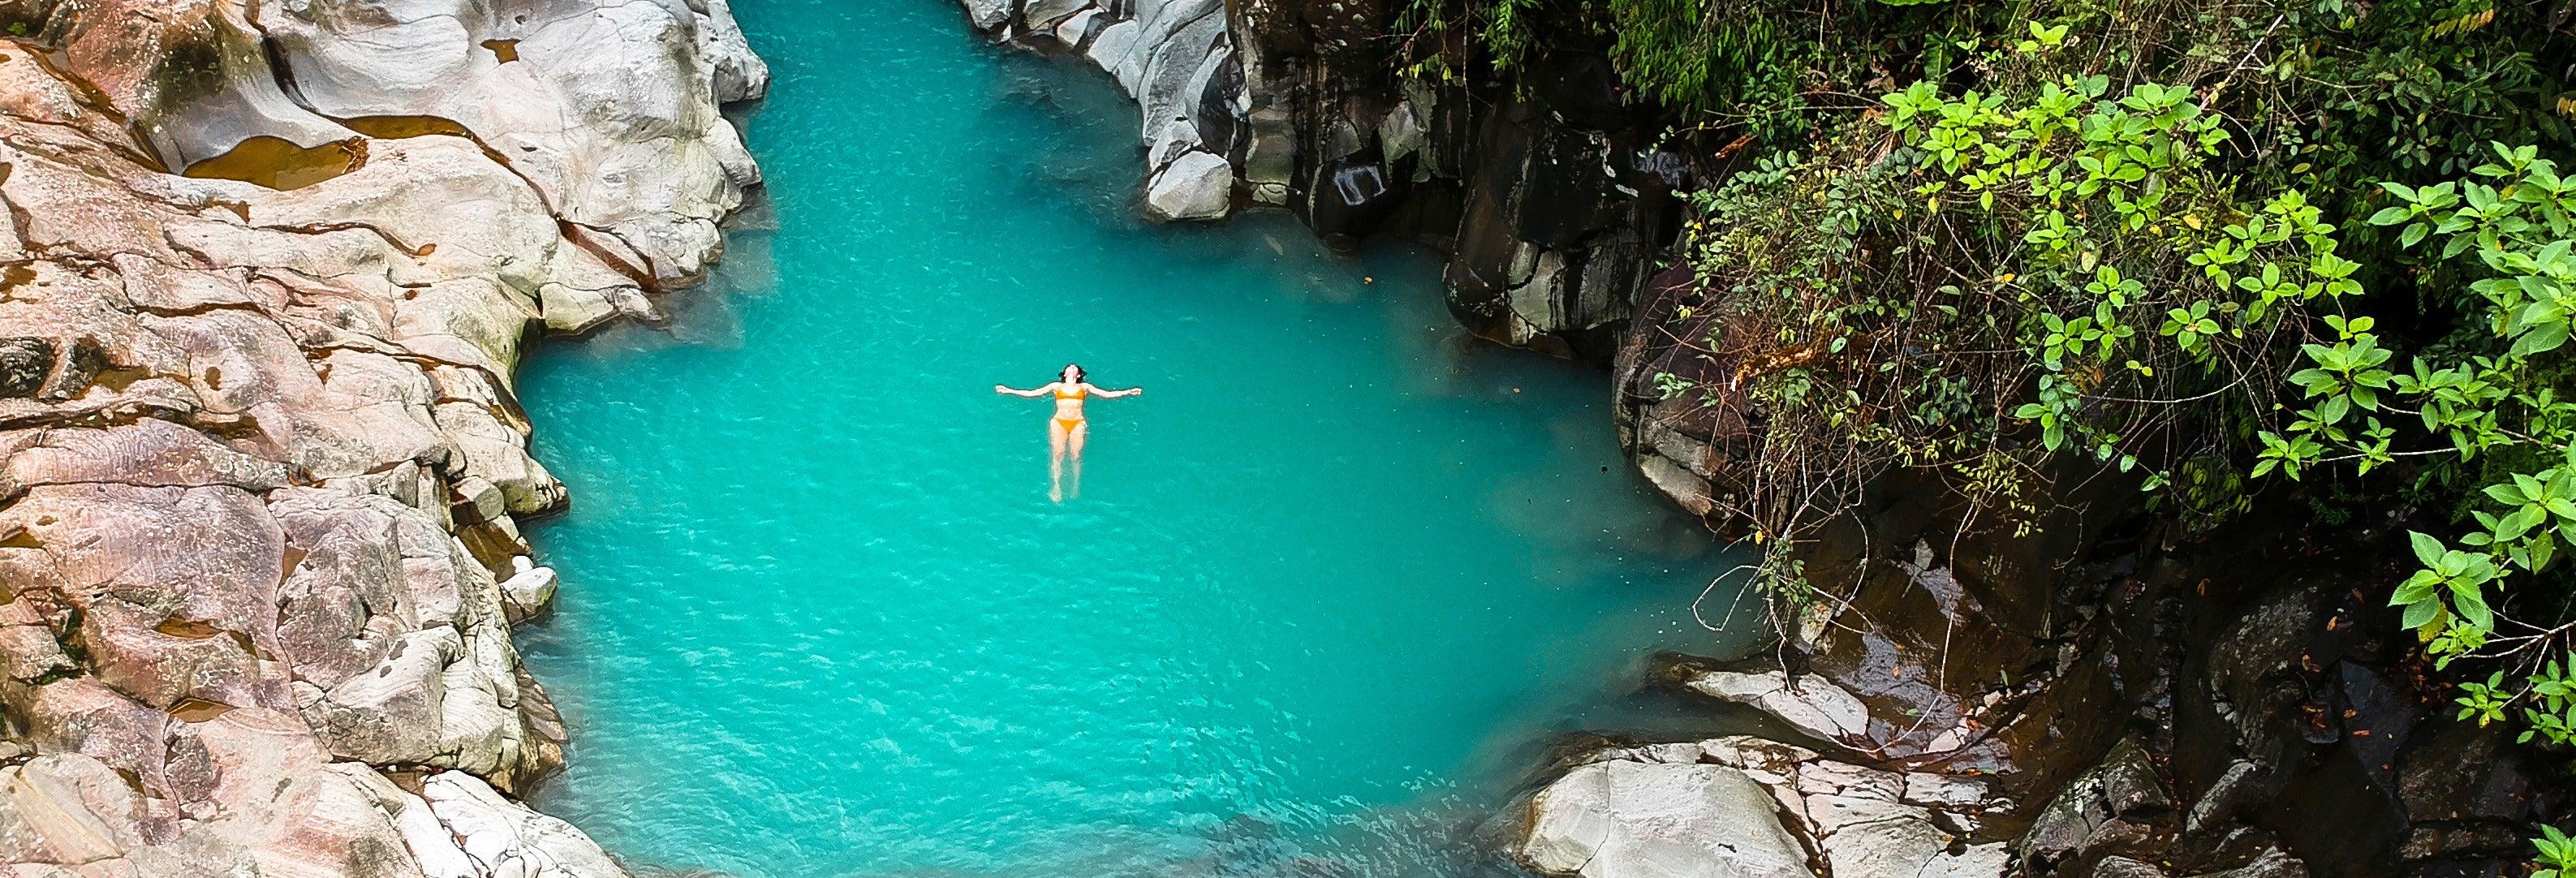 Catarata La Paz, río Celeste y aguas termales